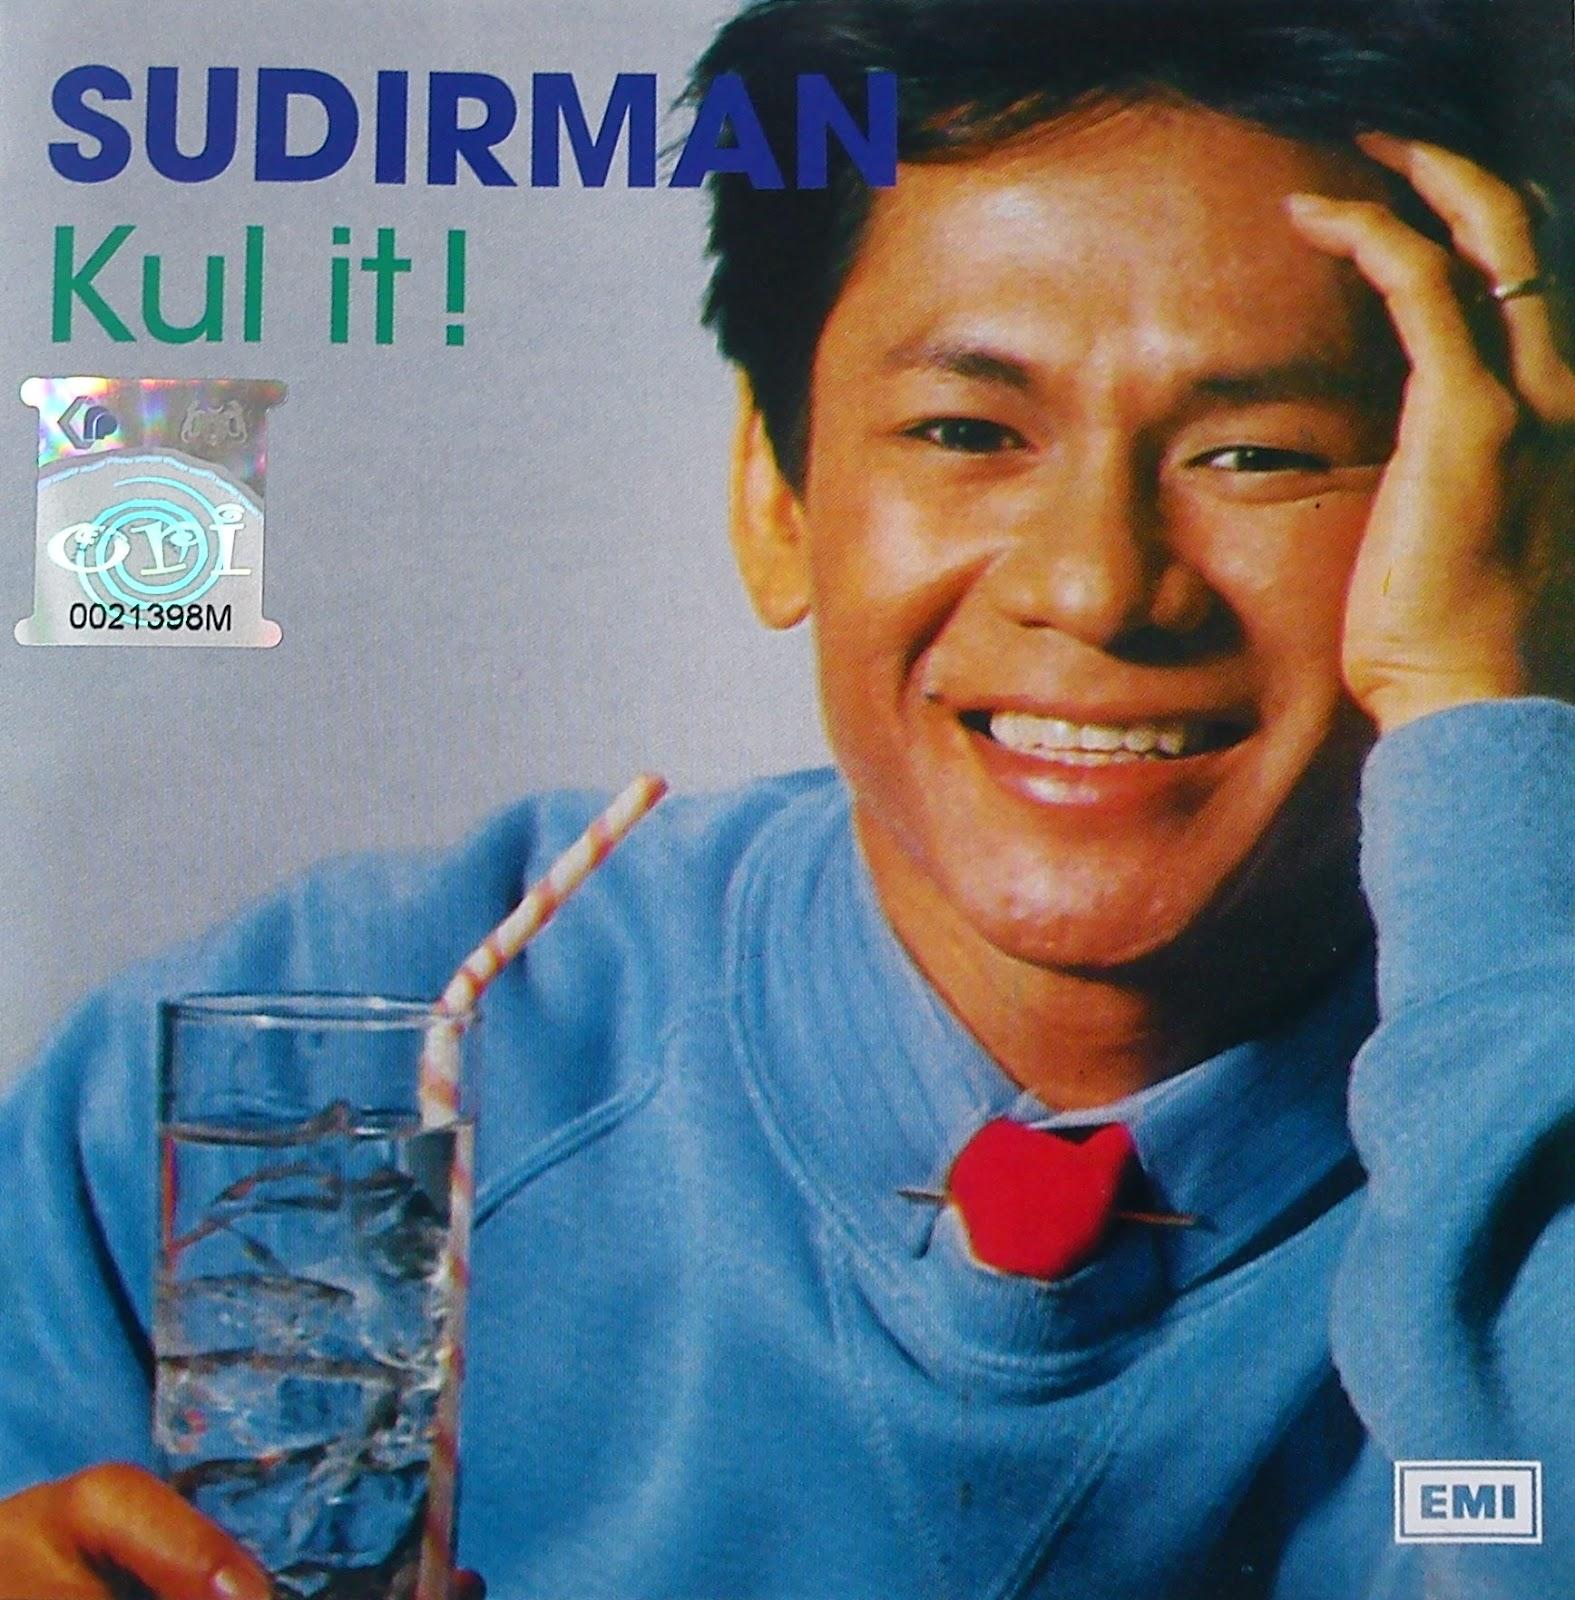 SUDIRMAN